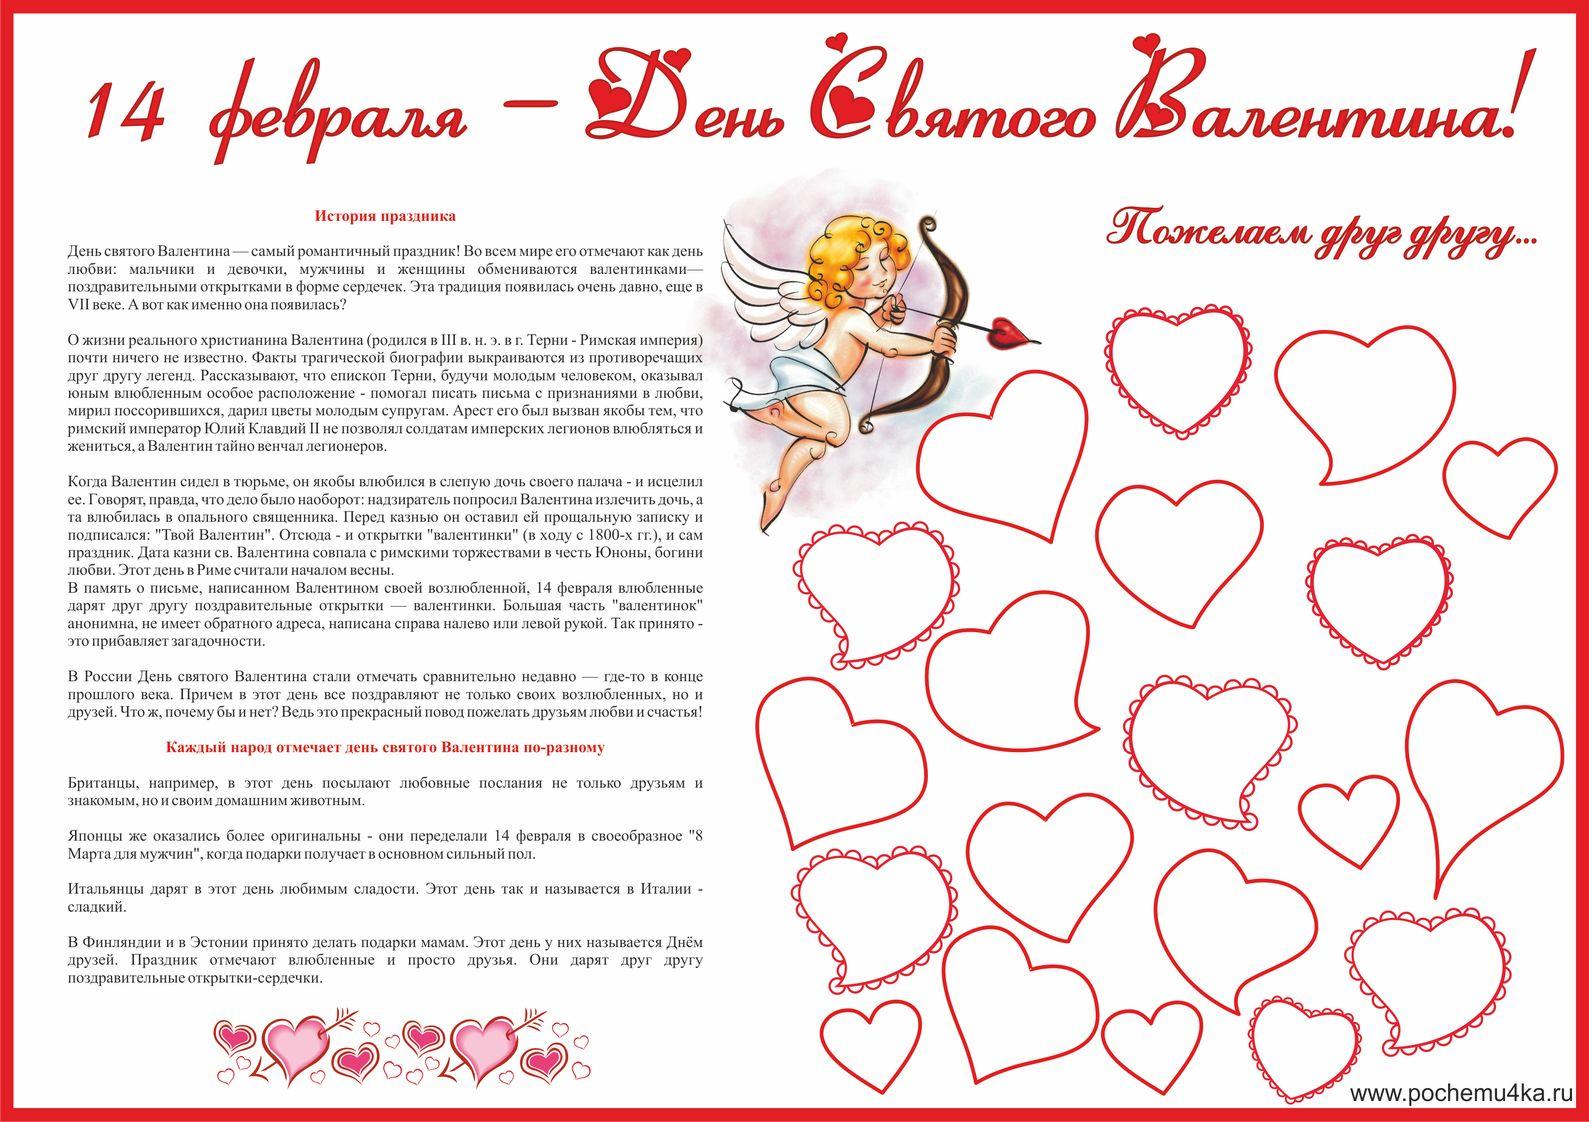 Плакаты и картинки к дню святого валентина